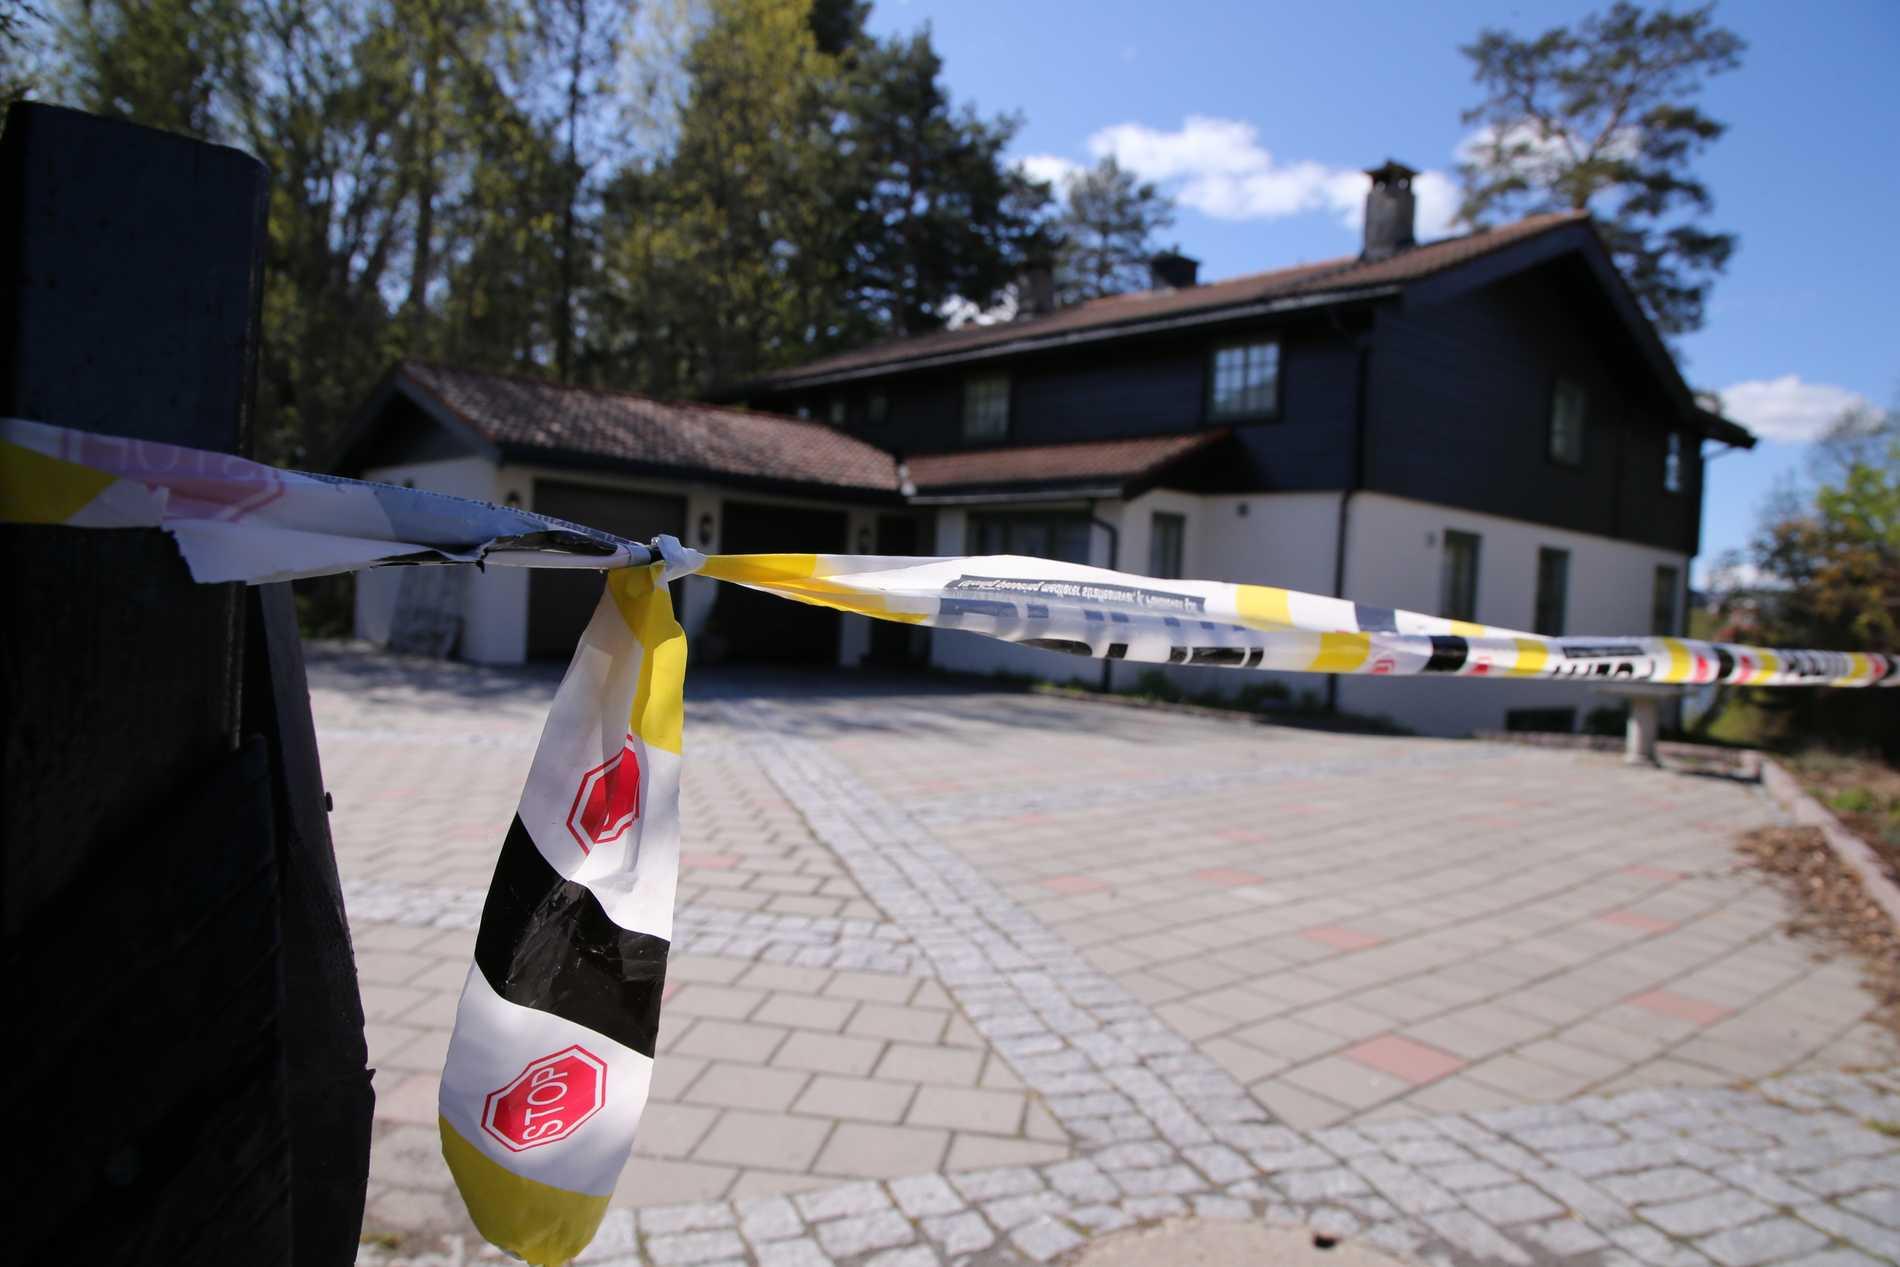 Polisavspärrningar vid miljardären Tom Hagens bostad. Arkivbild.